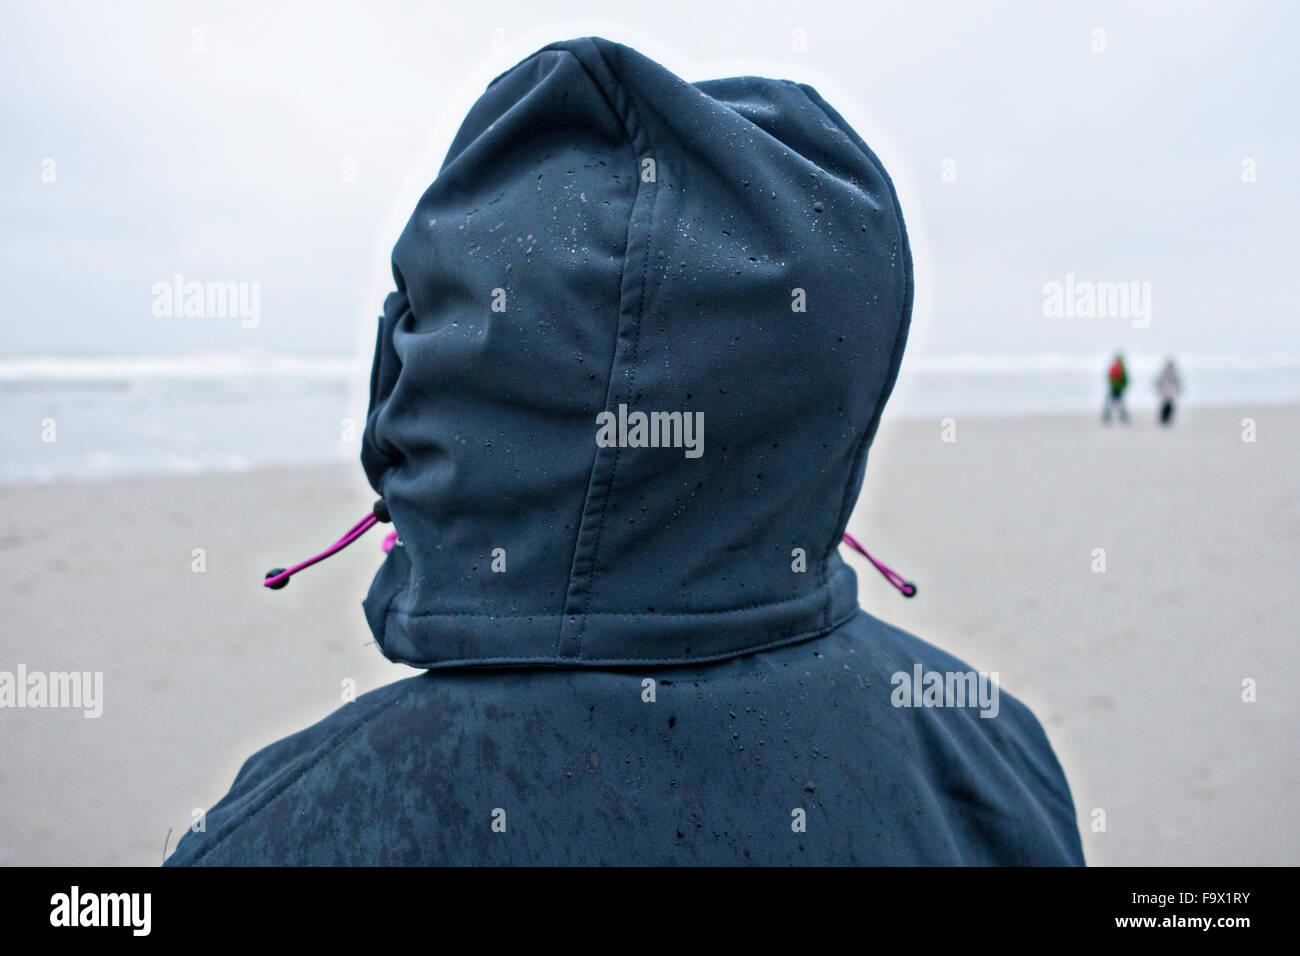 Germania, Langeoog Isola, persona con cappa di bagnato sulla spiaggia Immagini Stock